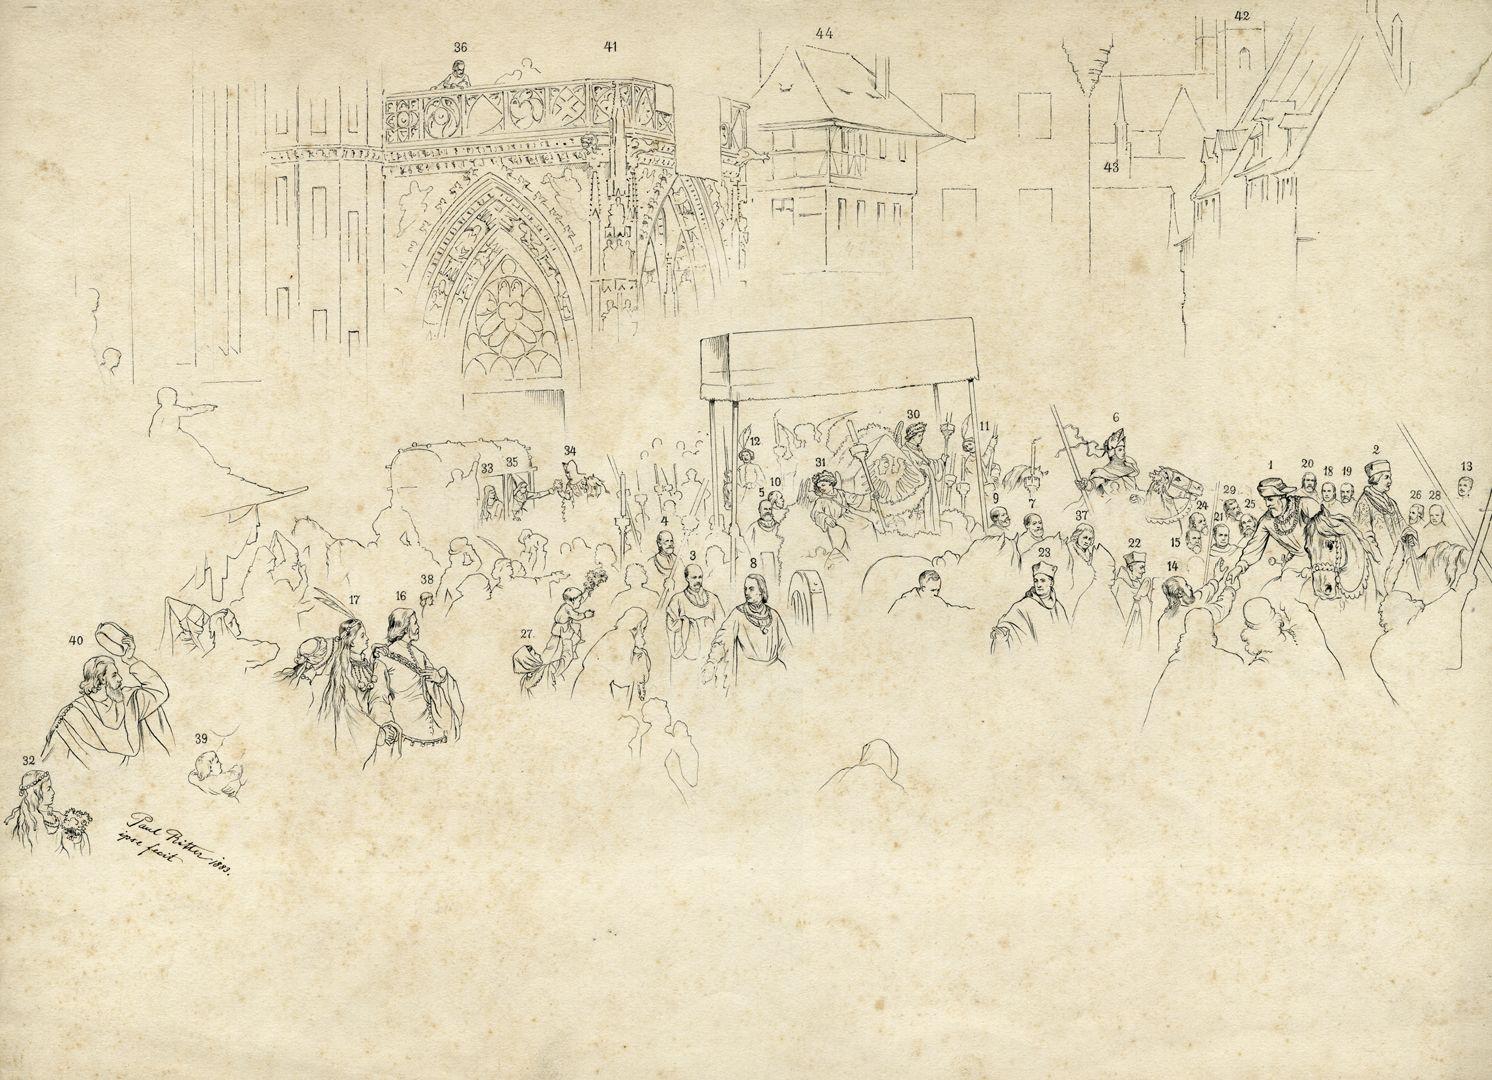 Die Einbringung der Reichskleinodien in Nürnberg am 22. März 1424 Für das Gemälde gibt es ein Erklärungsblatt, mit dem sich 40 Personen zuordnen lassen.